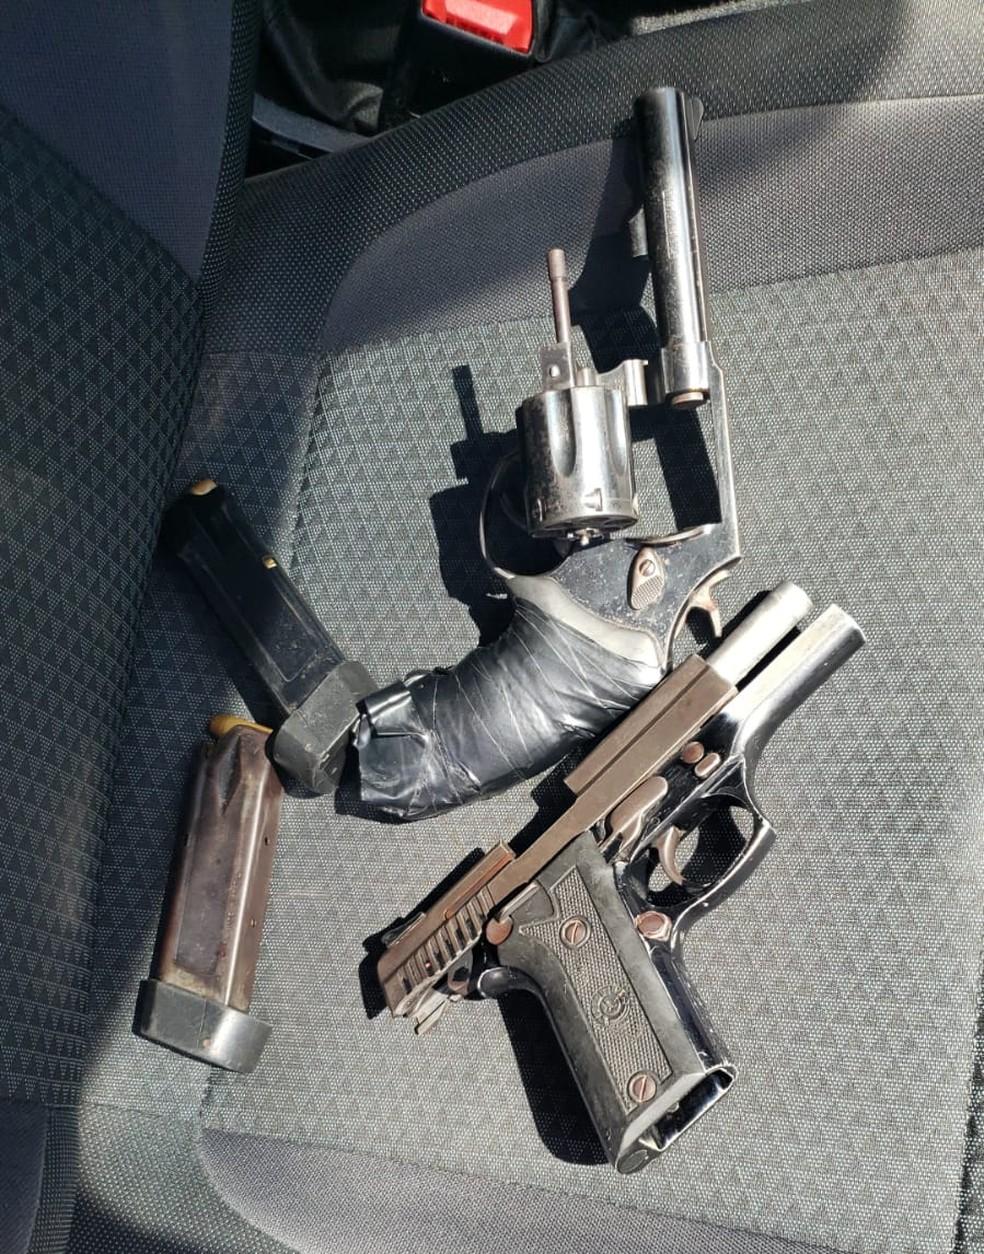 Armas de fogo que seriam usadas no crime foram encontradas dentro do veículo. — Foto: Divulgação/Polícia Civil